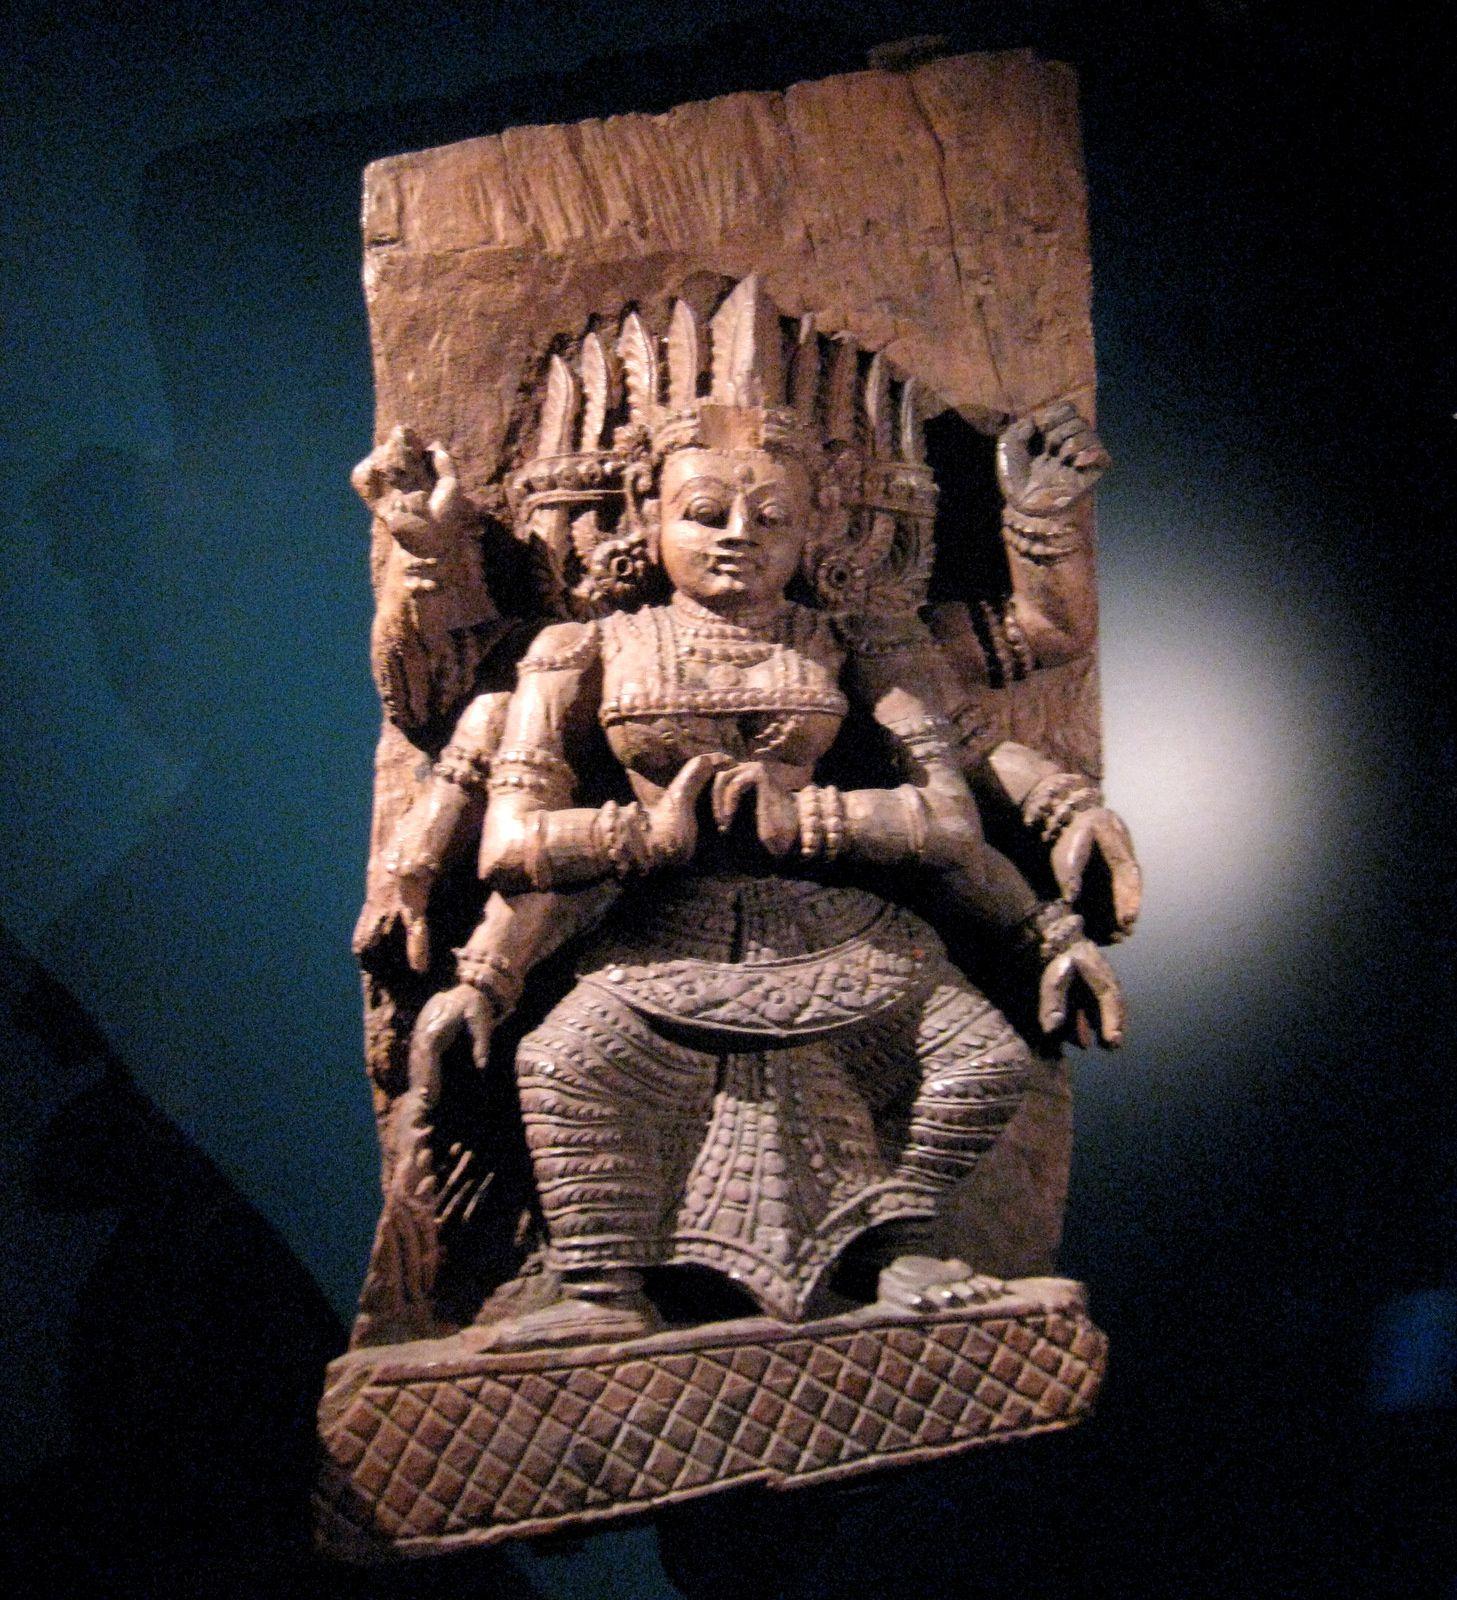 Déesses de la Shakti : Lakshmi, Kali et Durga